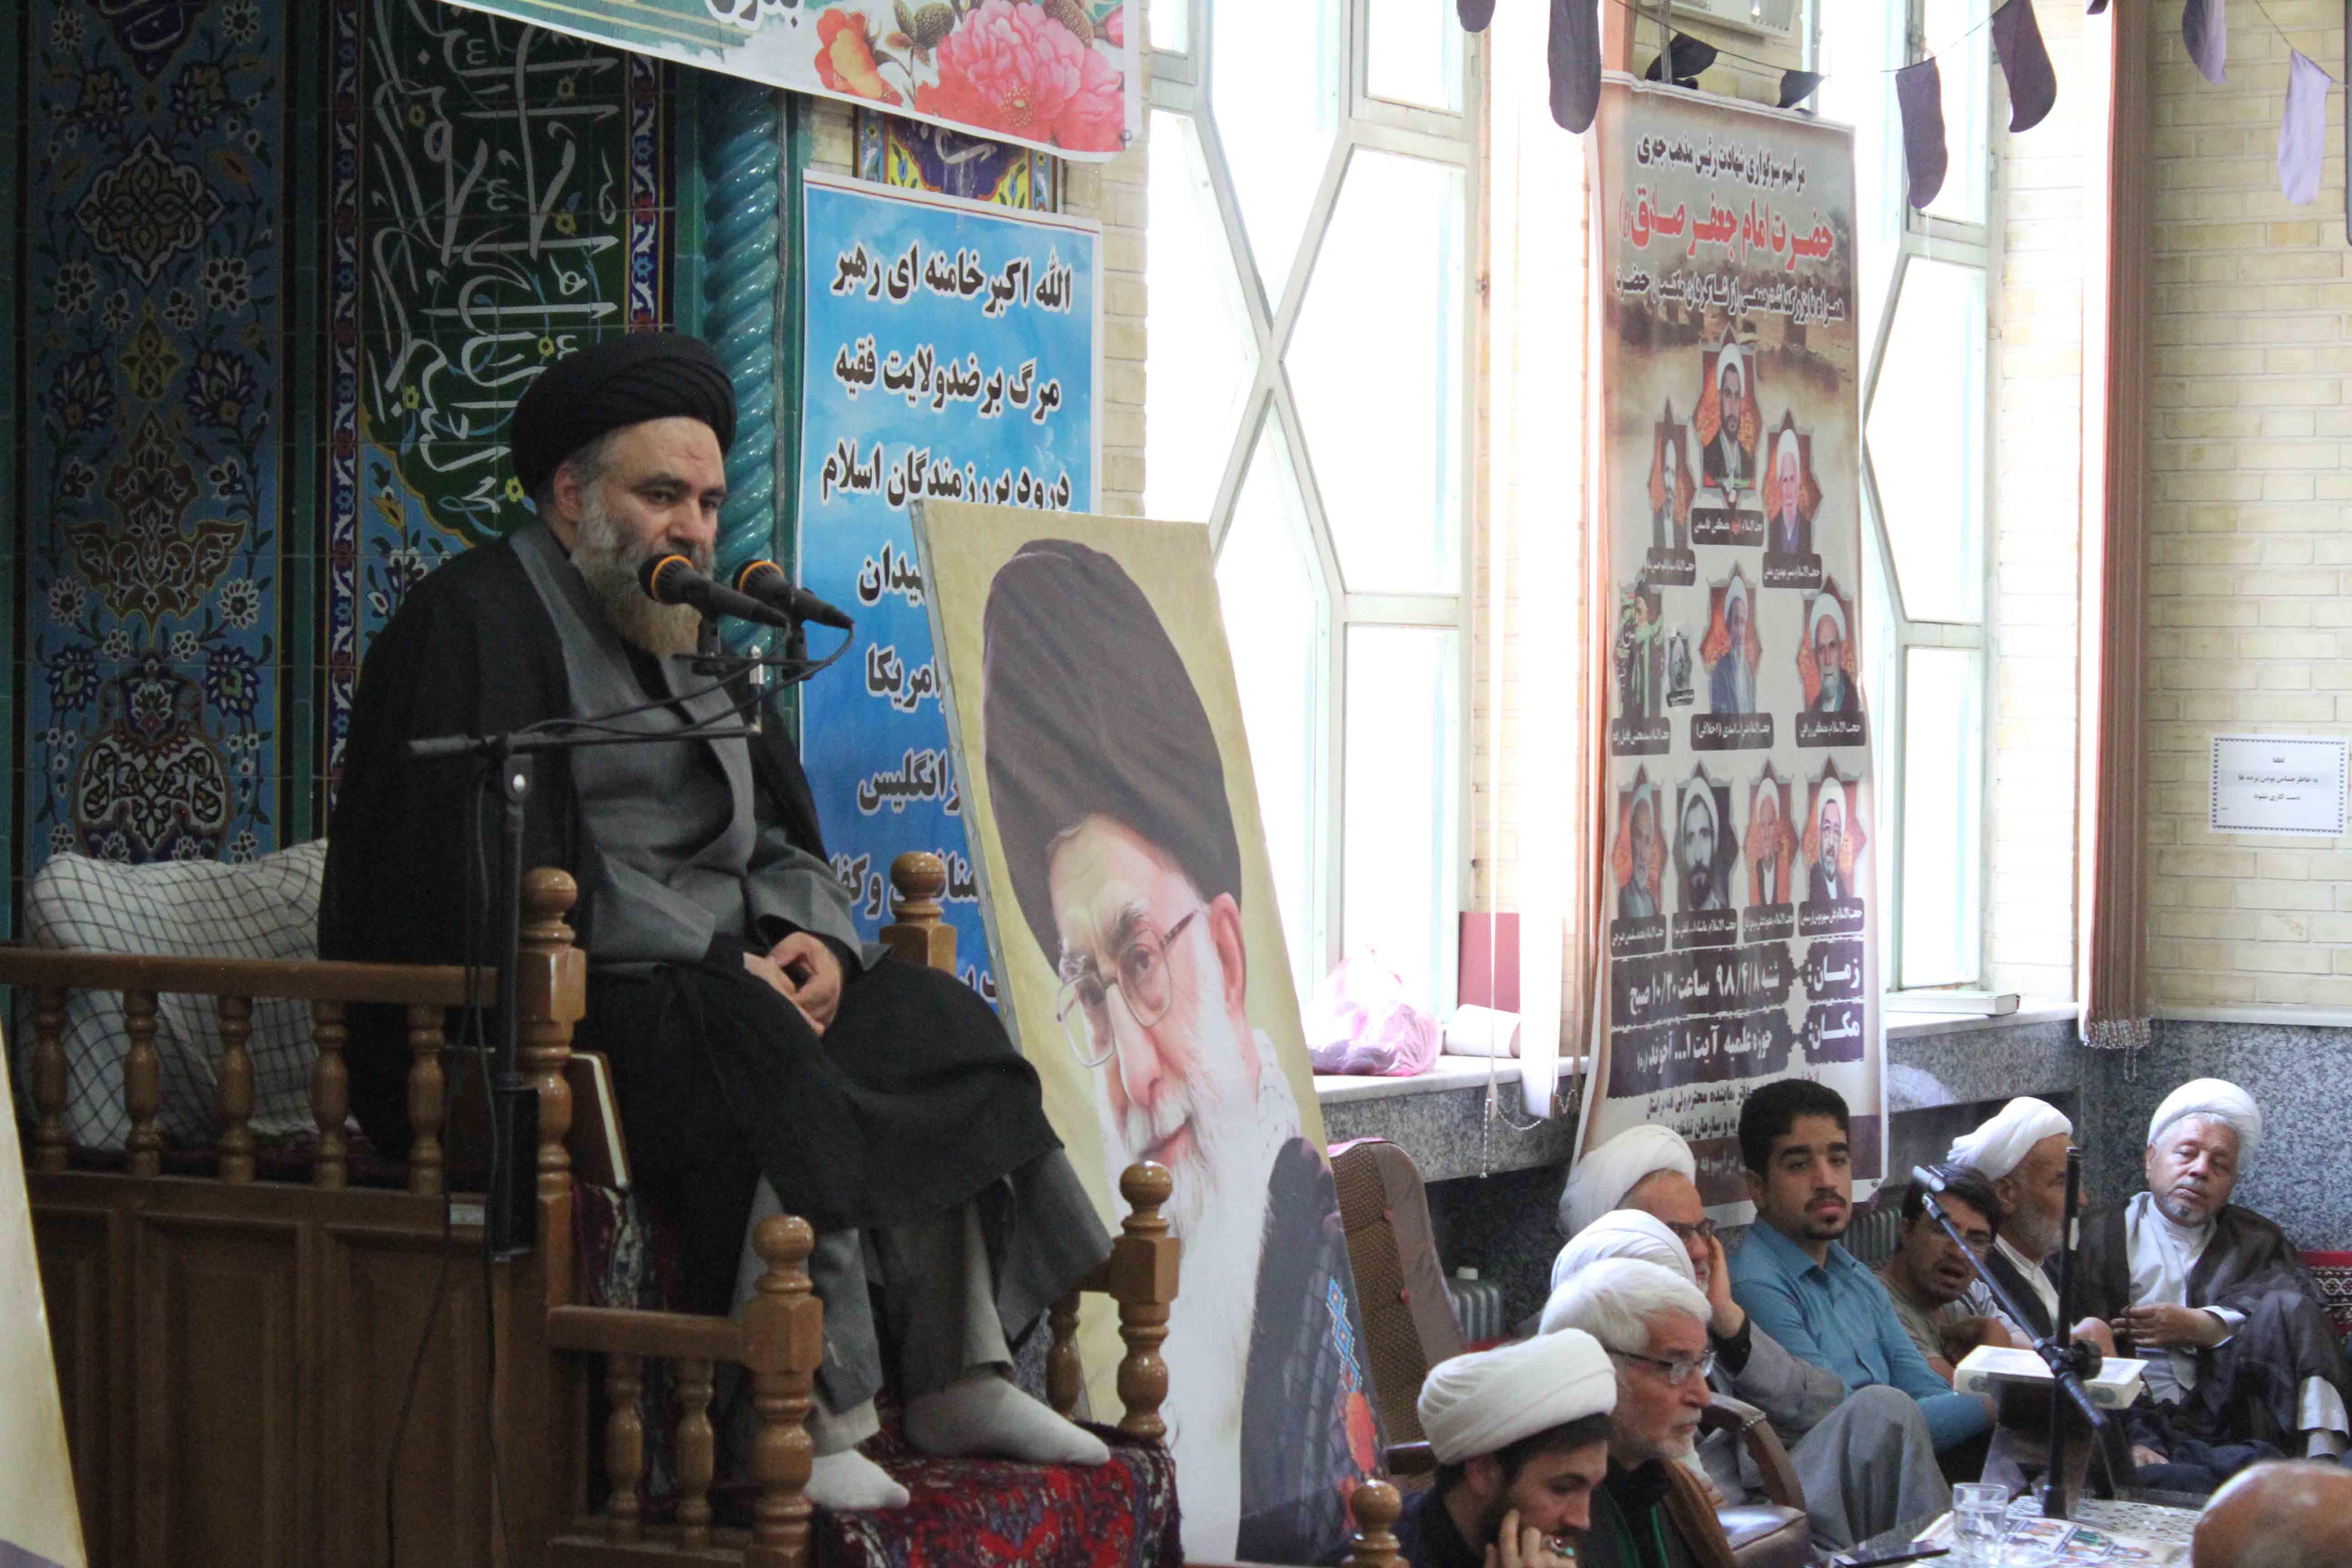 حجت الاسلام سید احمد میردامادی